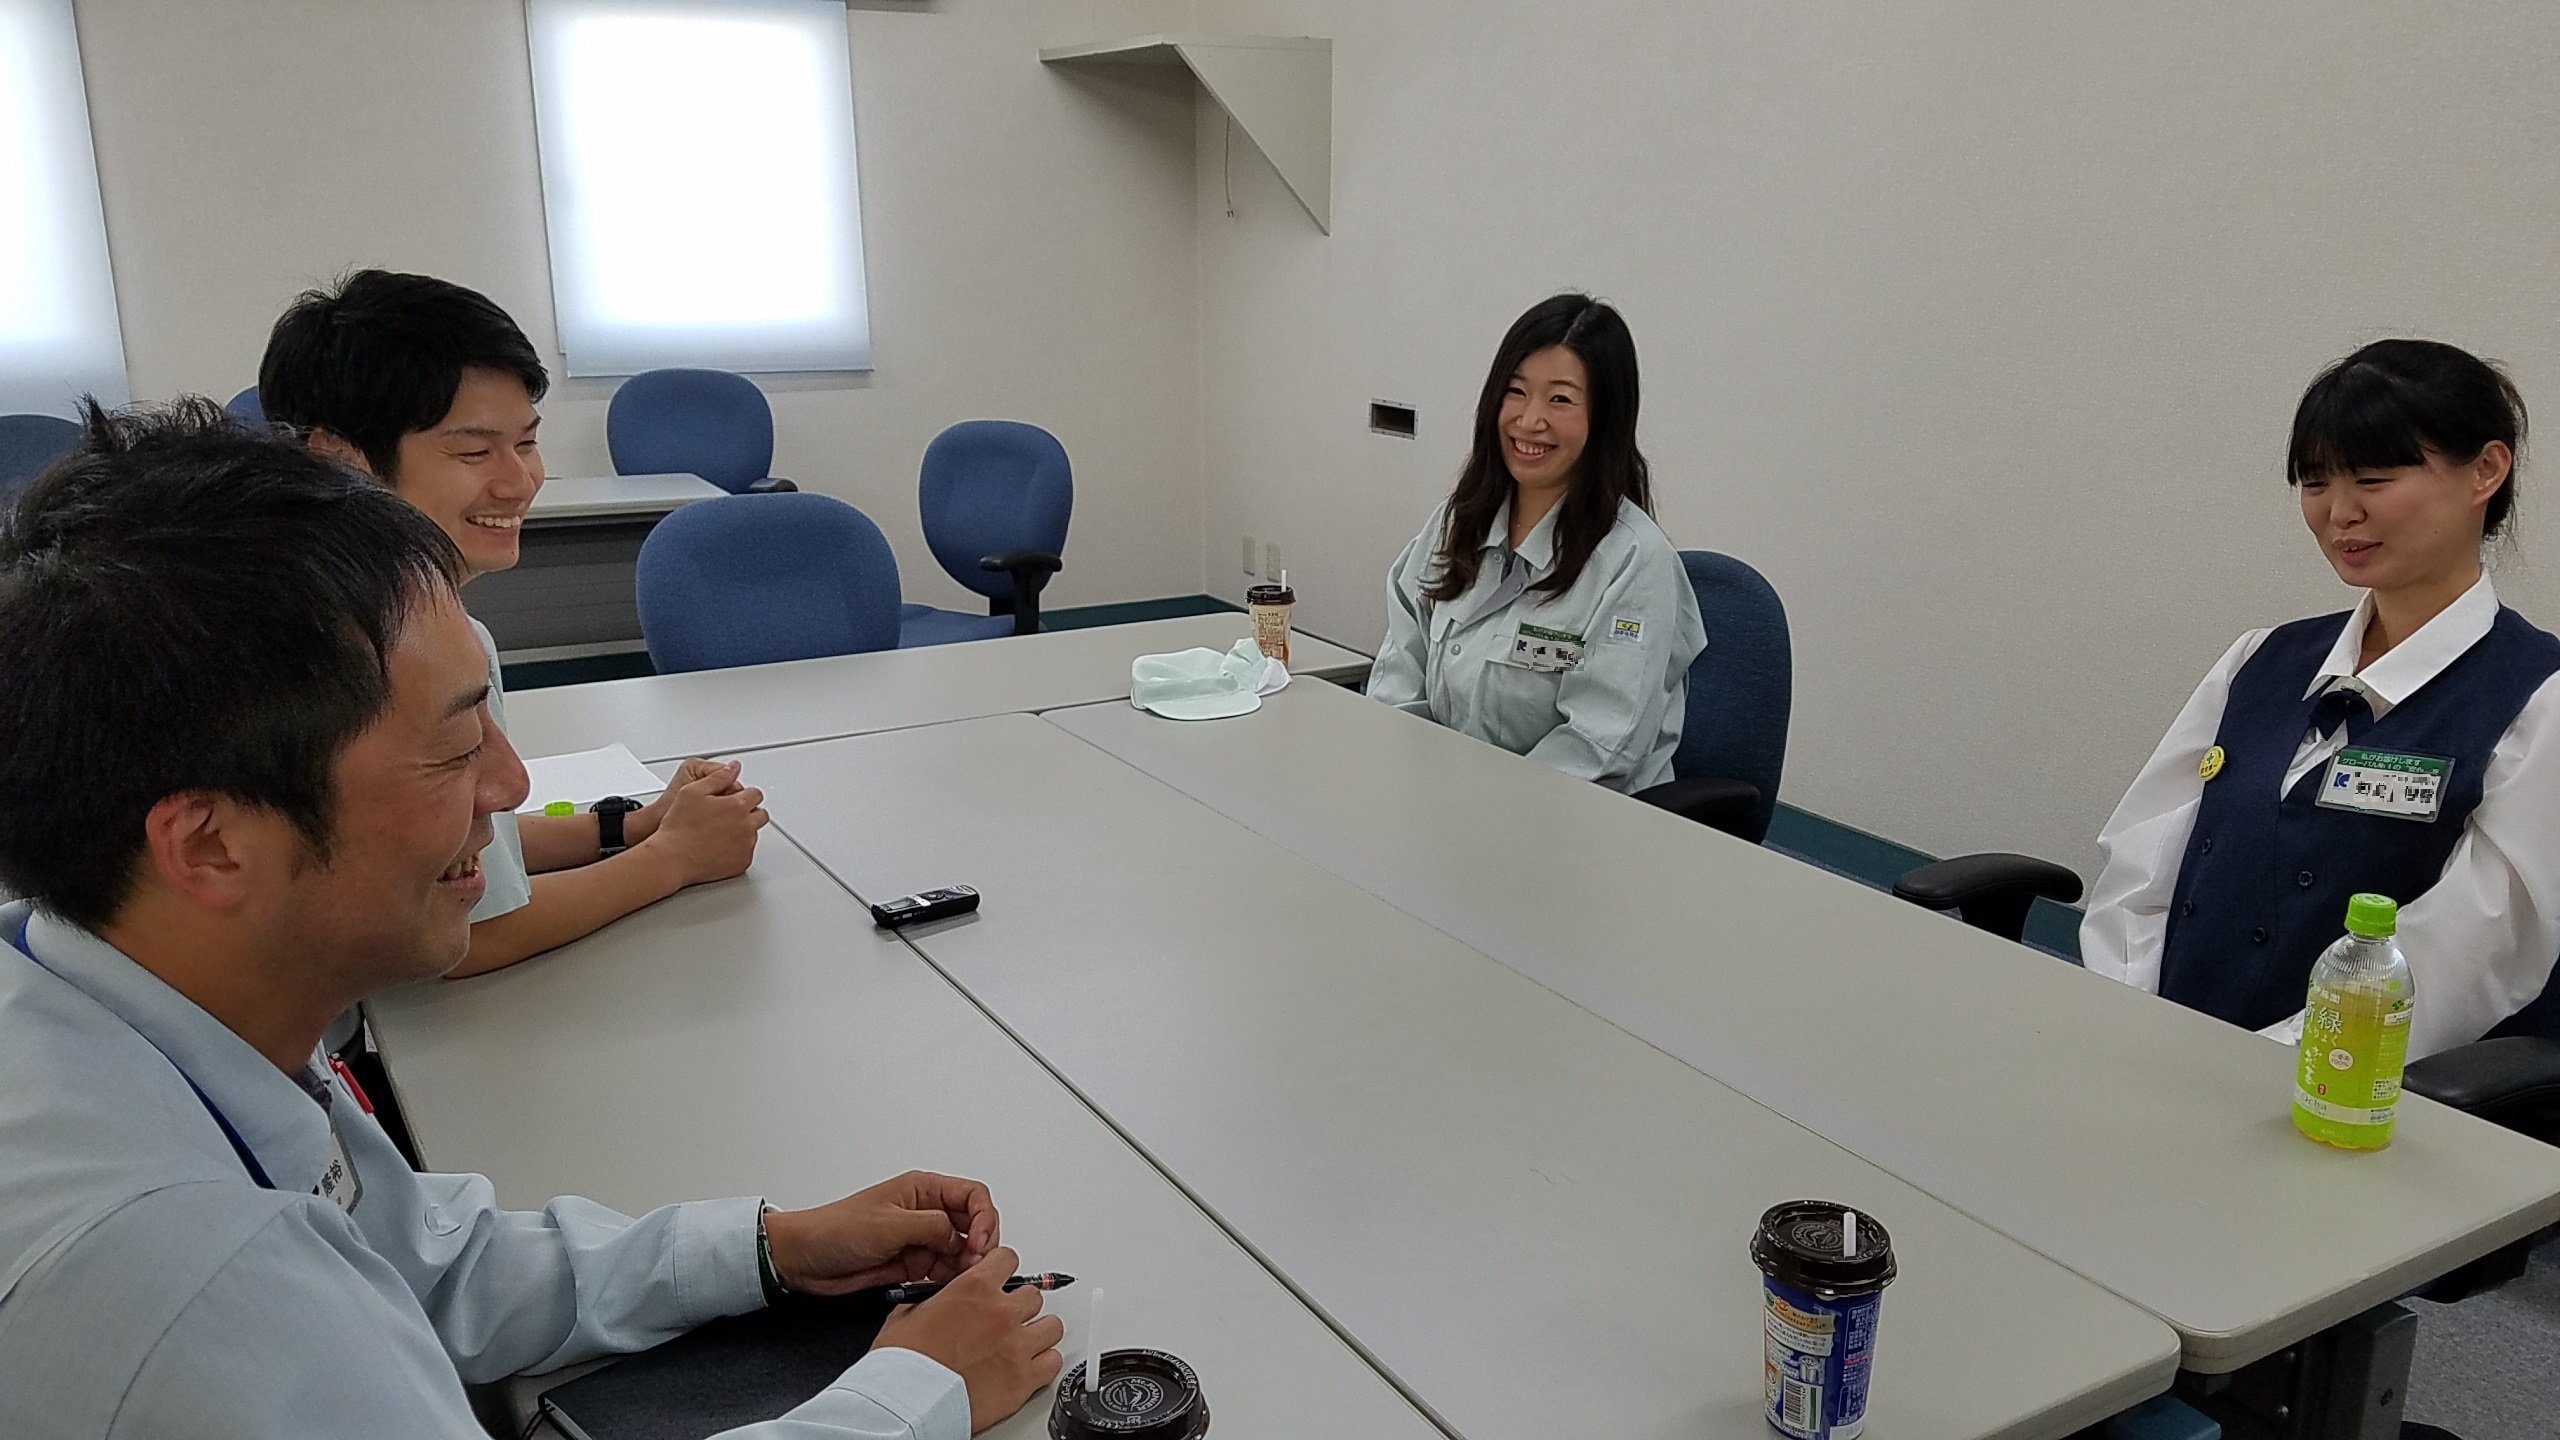 金津技研の女性スタッフにインタビュー!働きやすいってホントなの?